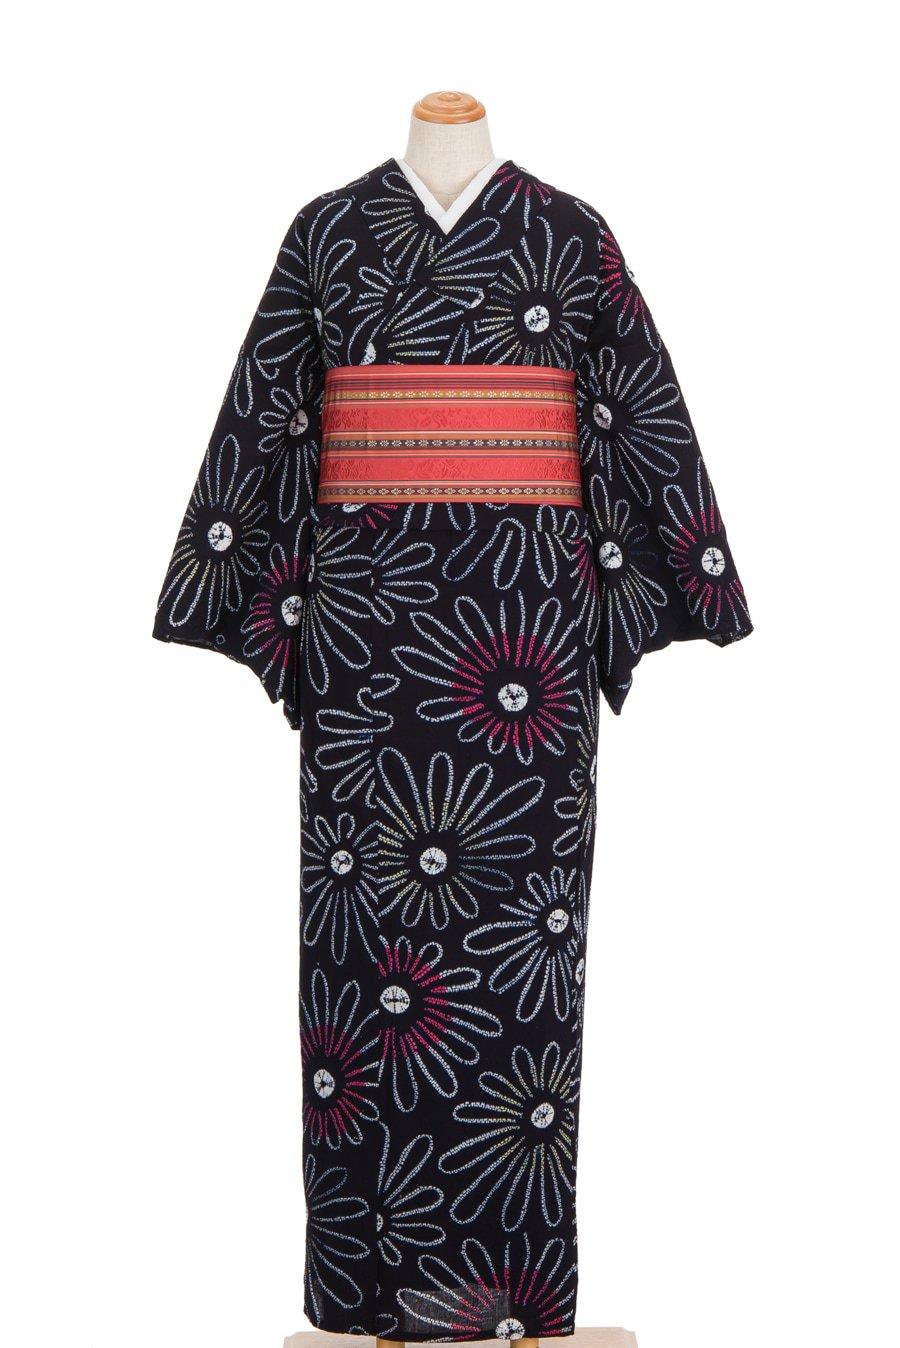 「絞りの浴衣 菊」の商品画像